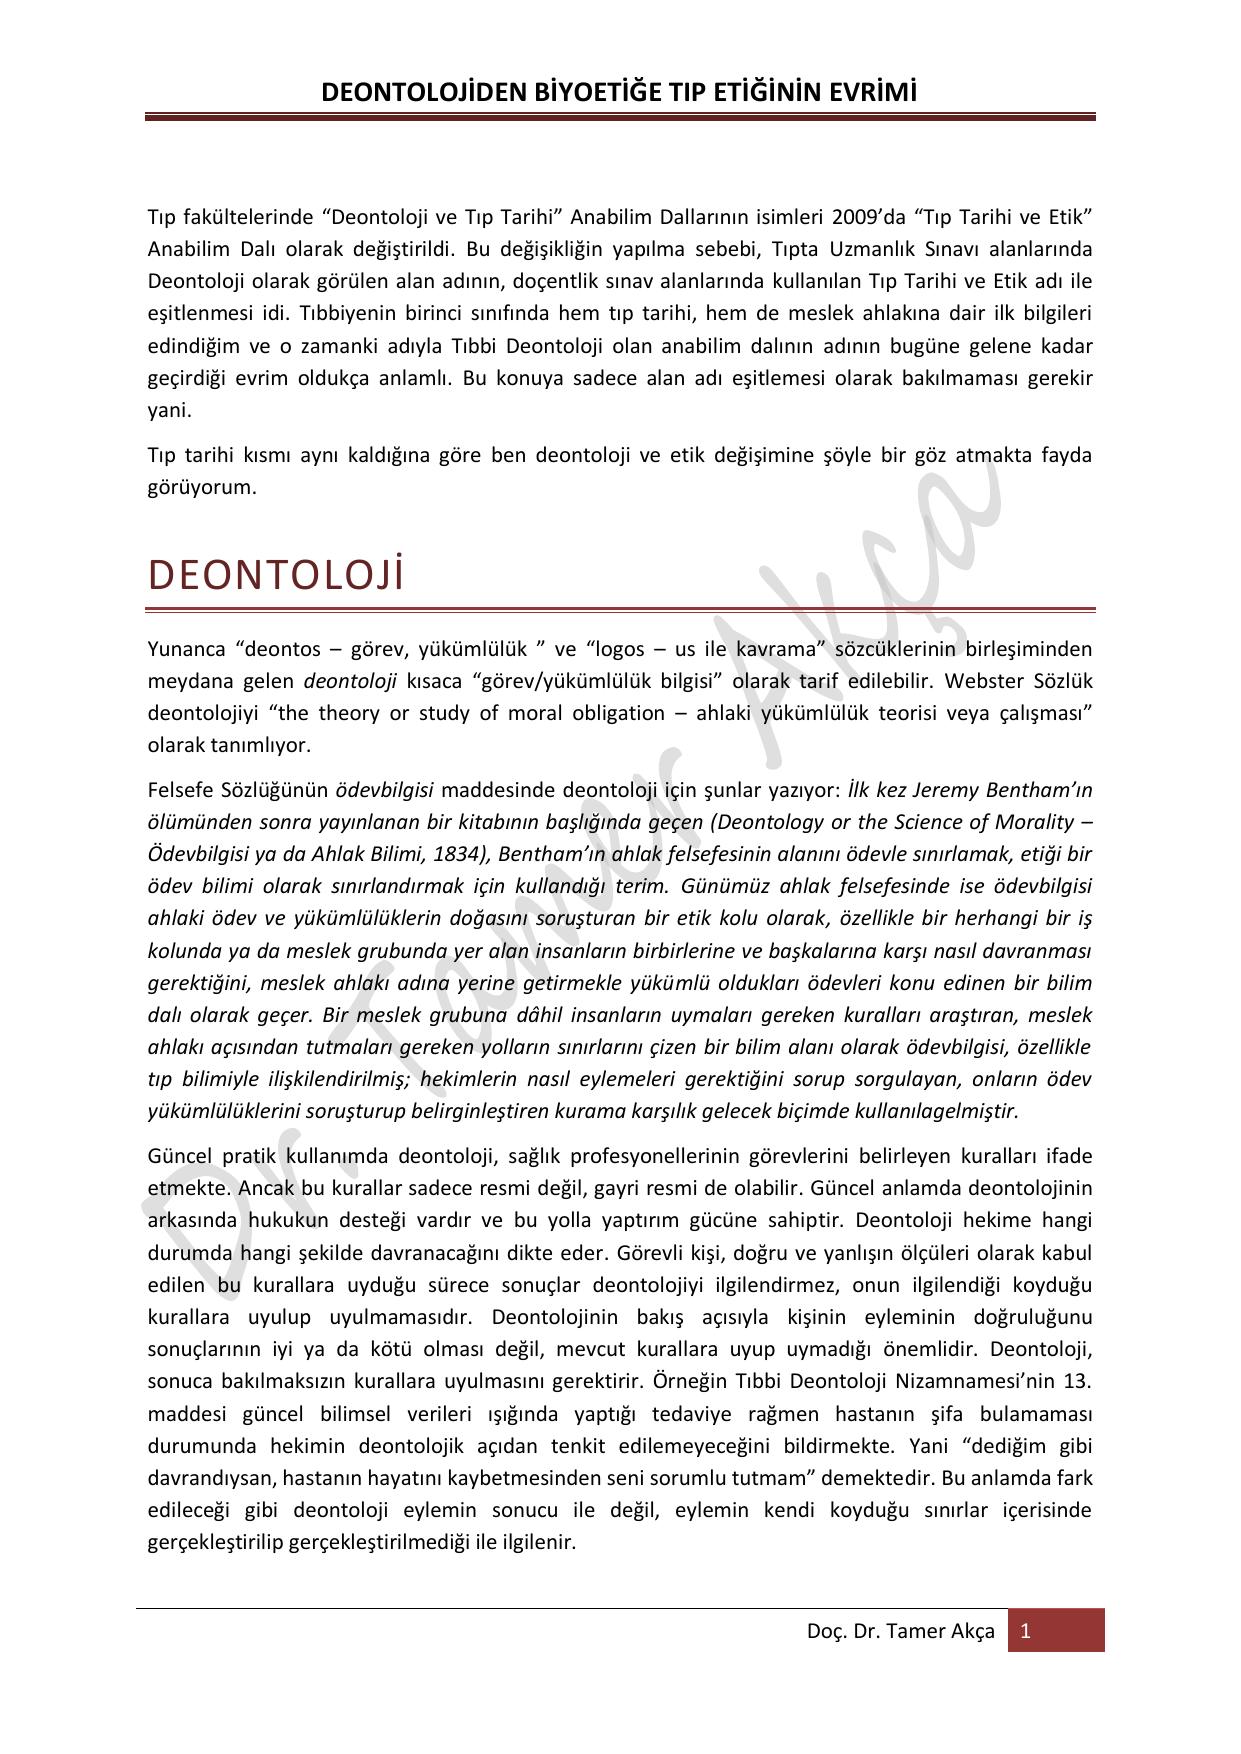 Tıp tarihi - felsefeden biyolojiye